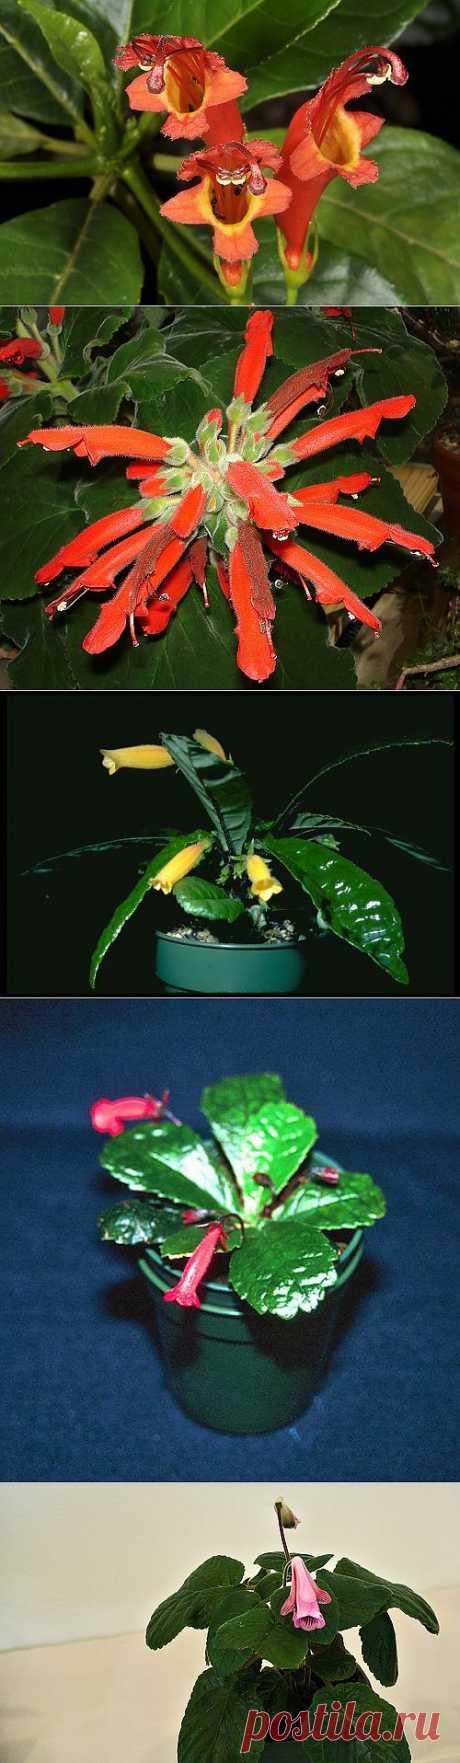 Геснерия - виды, уход, размножение | GreenHome